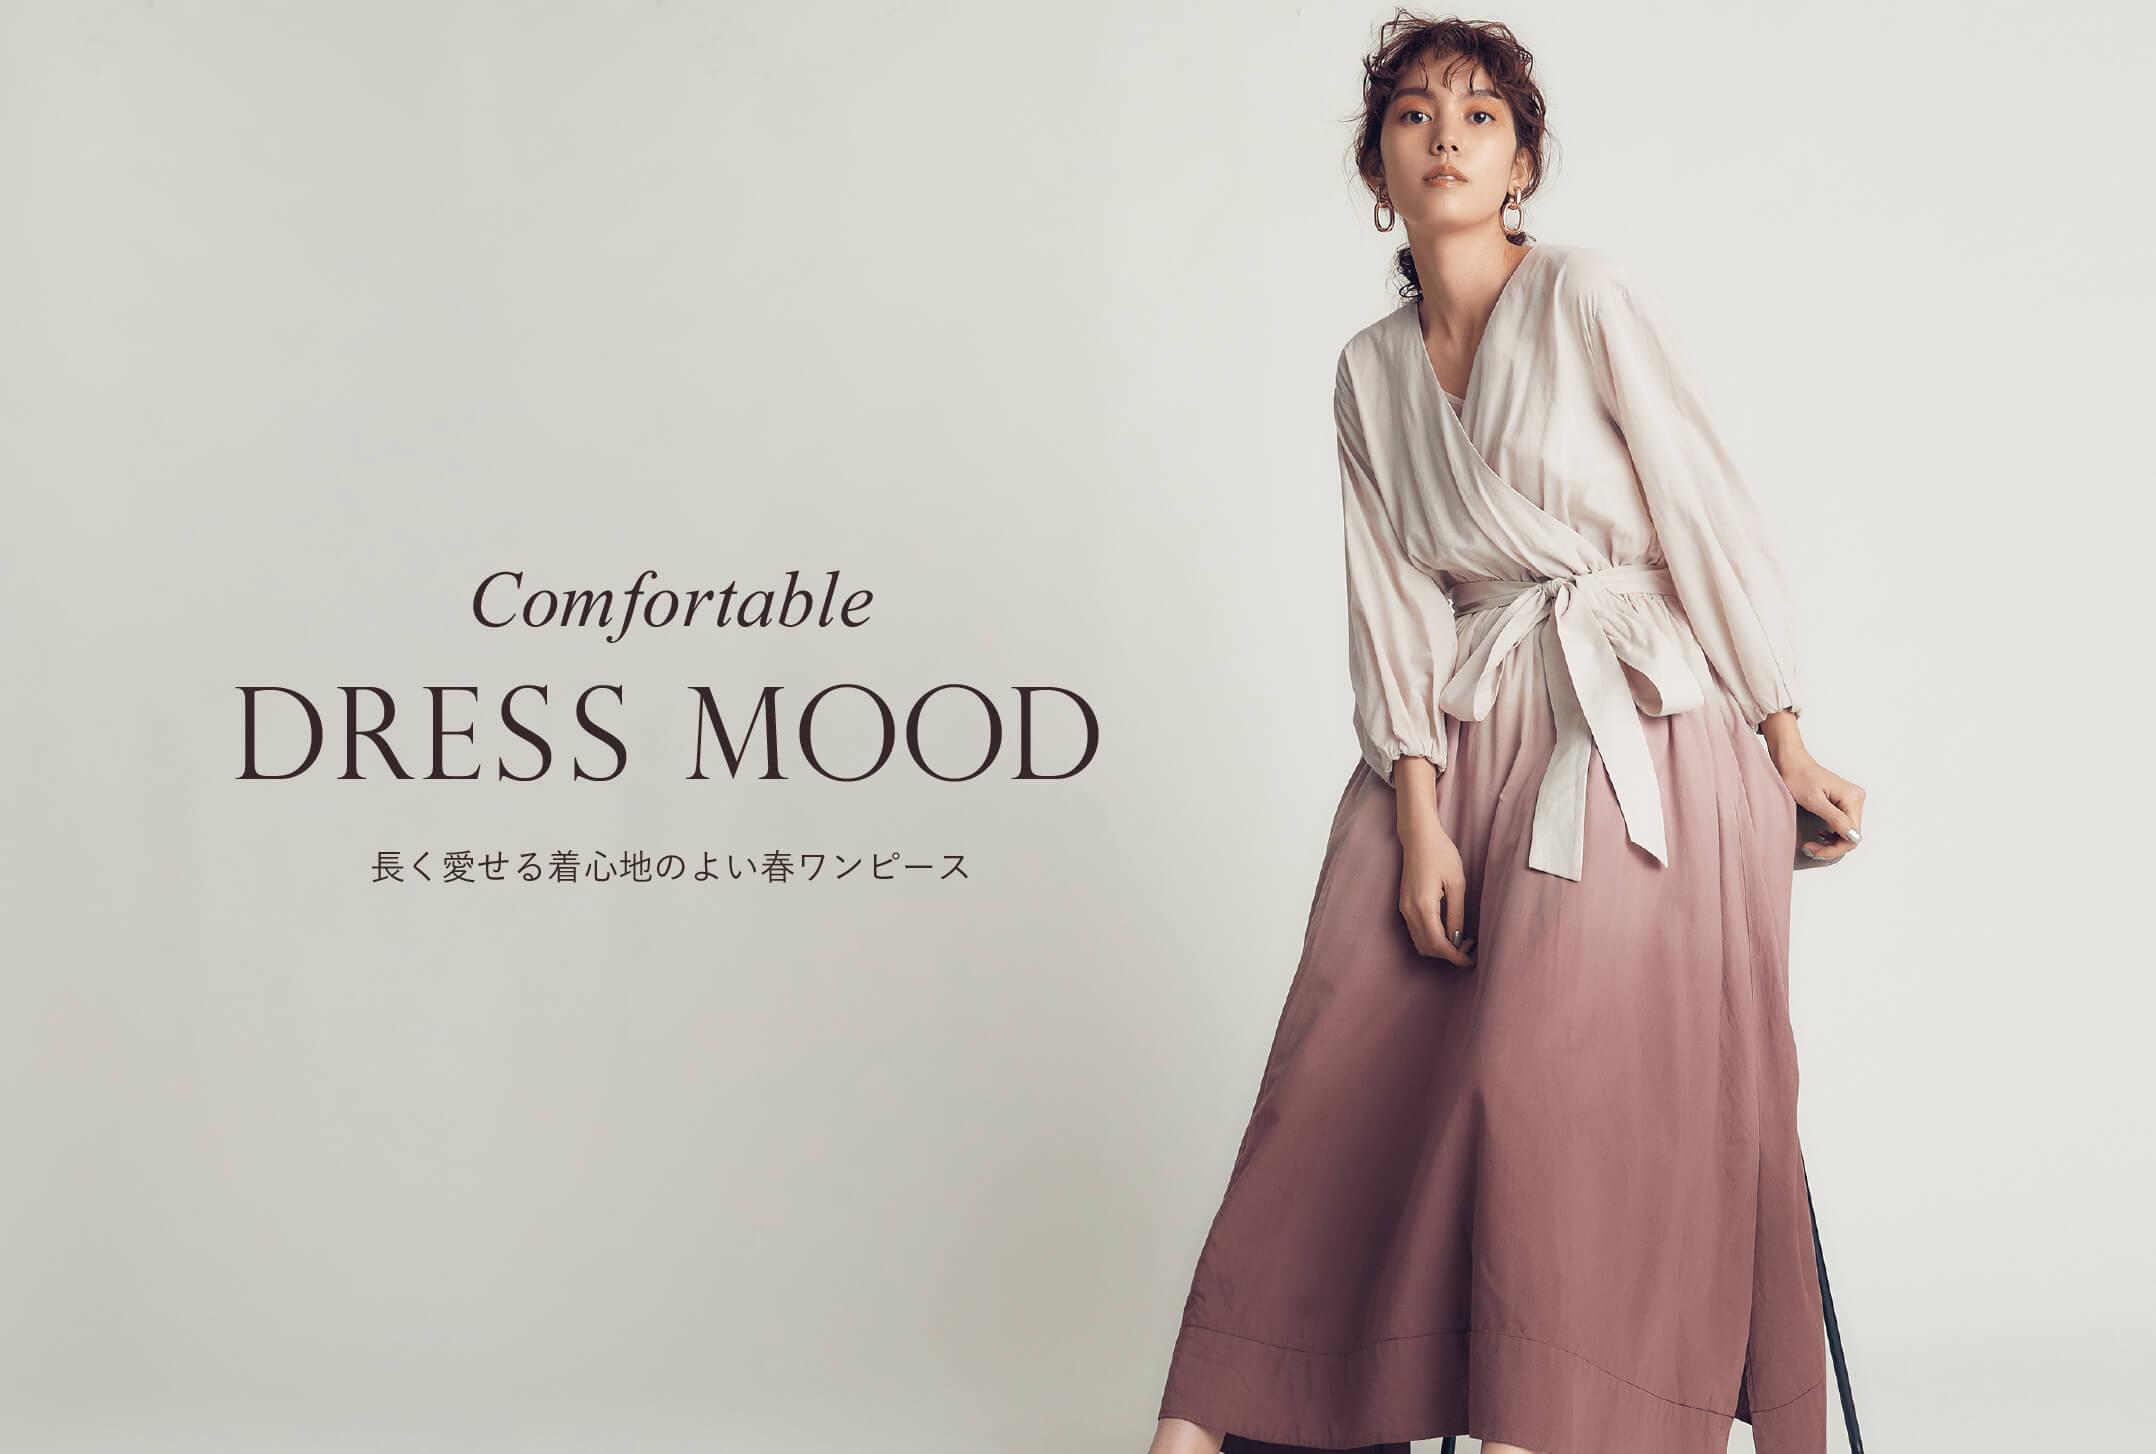 Comfortable DRESS MODE 長く愛せる着心地のよい春ワンピース